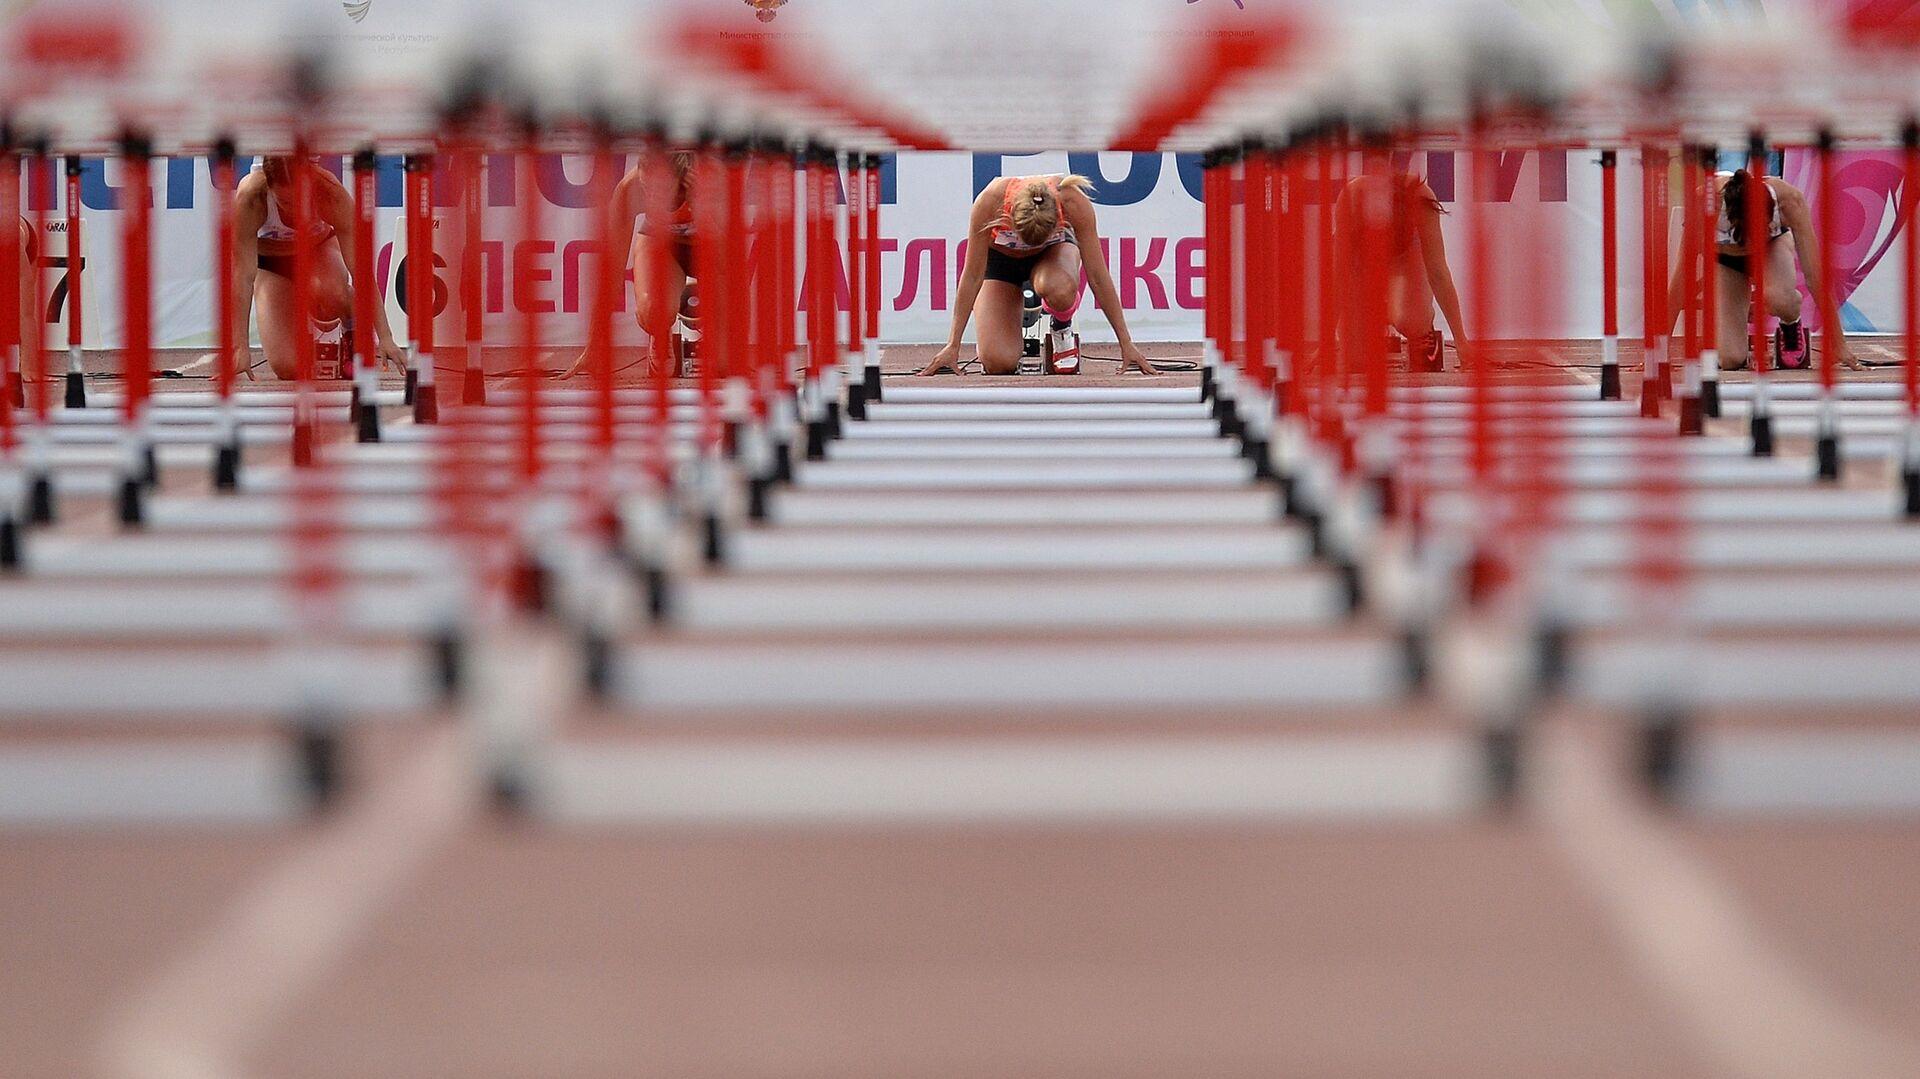 Участницы соревнований в беге на 100 метров с барьерами на чемпионате России по легкой атлетике в Чебоксарах - РИА Новости, 1920, 07.03.2021